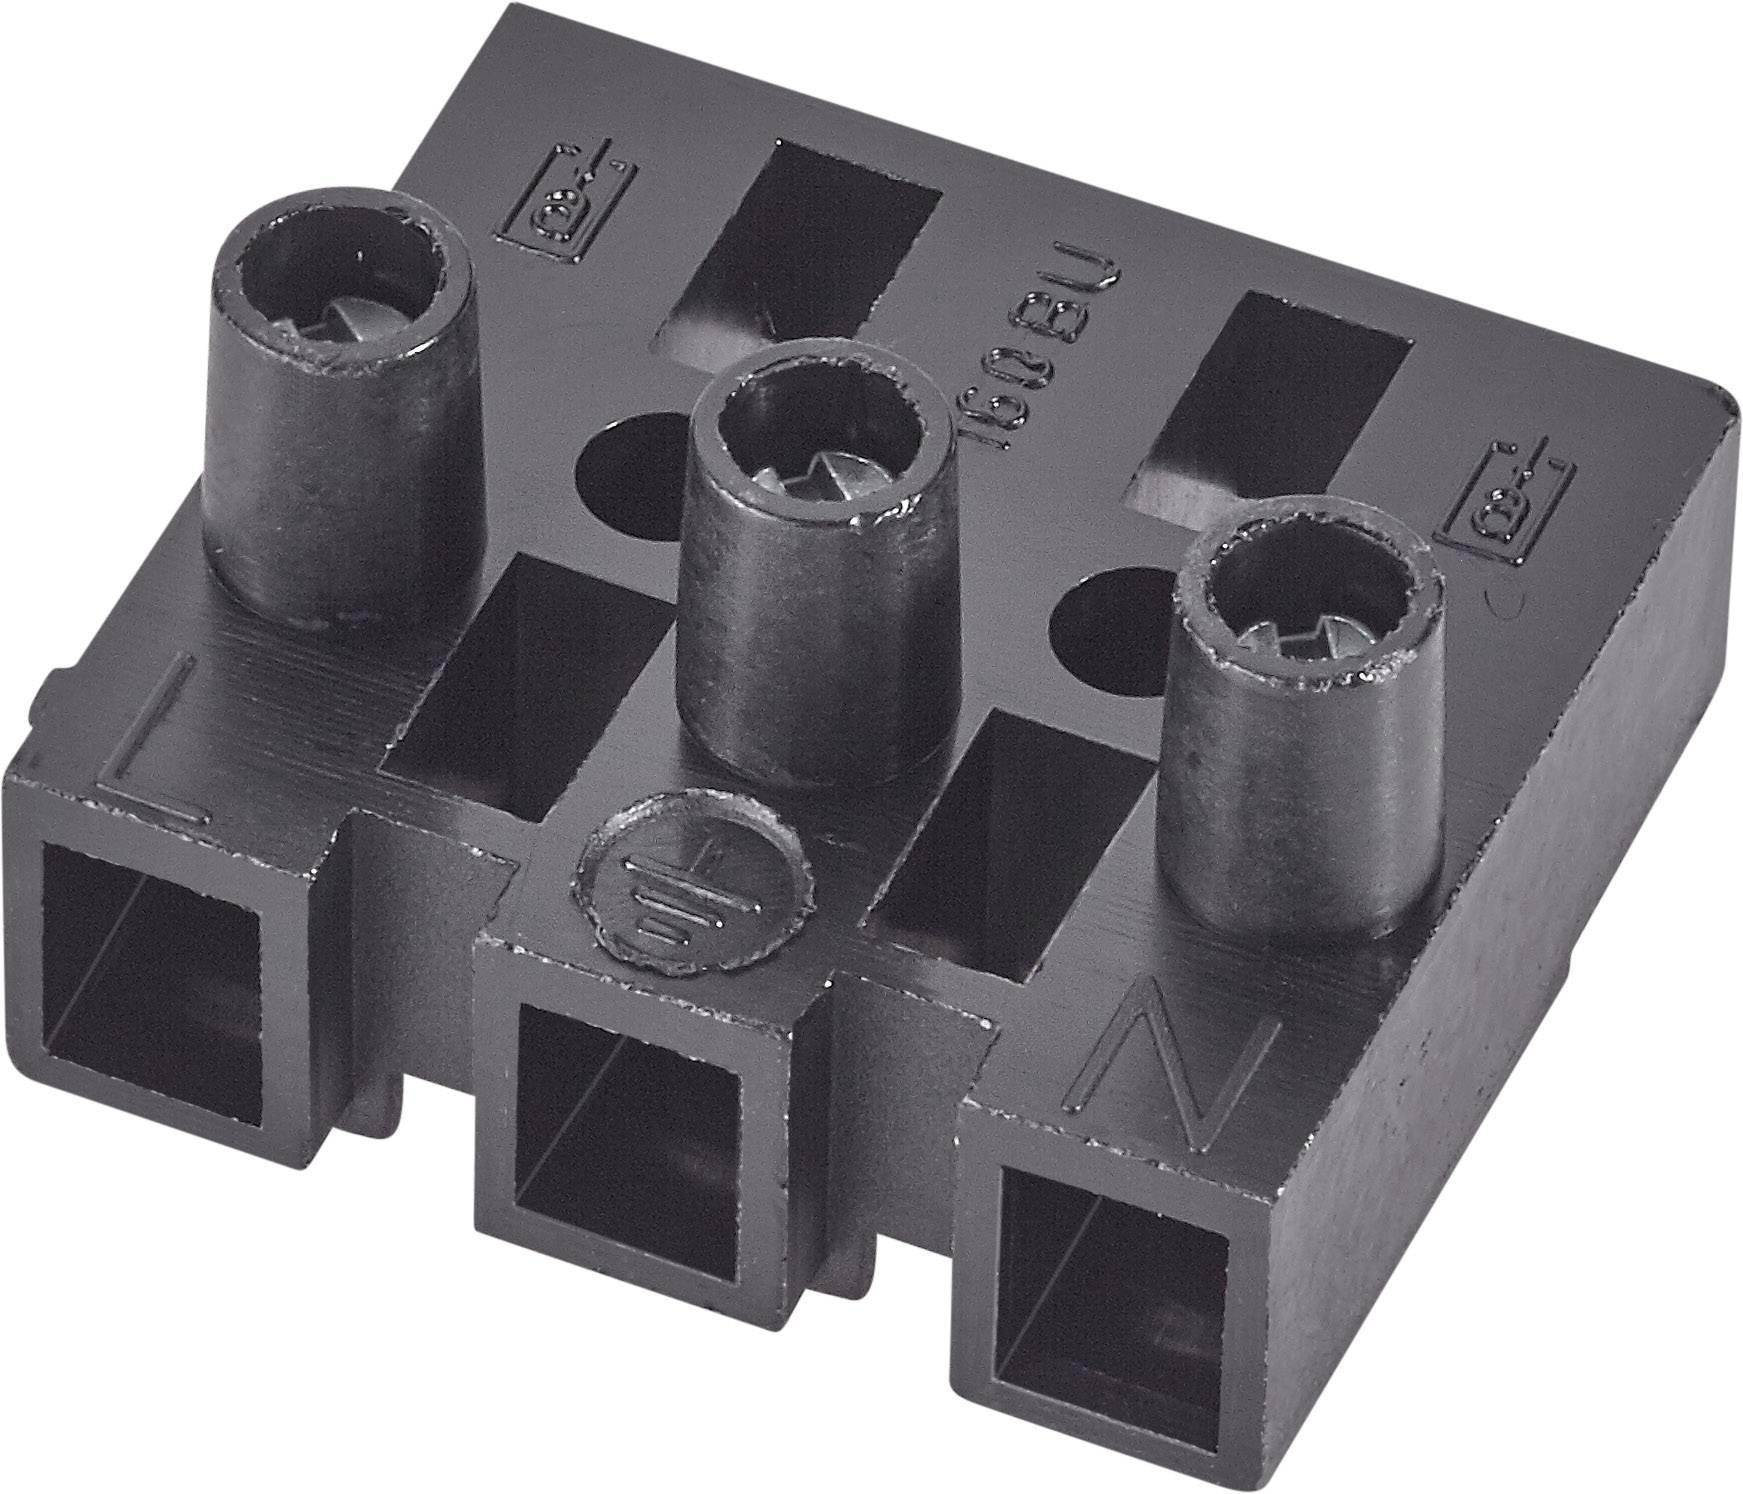 Krabicová svorkovnica Adels-Contact 160 BU/5 DSS na kábel s rozmerom -2.5 mm², pólů 5, 1 ks, čierna